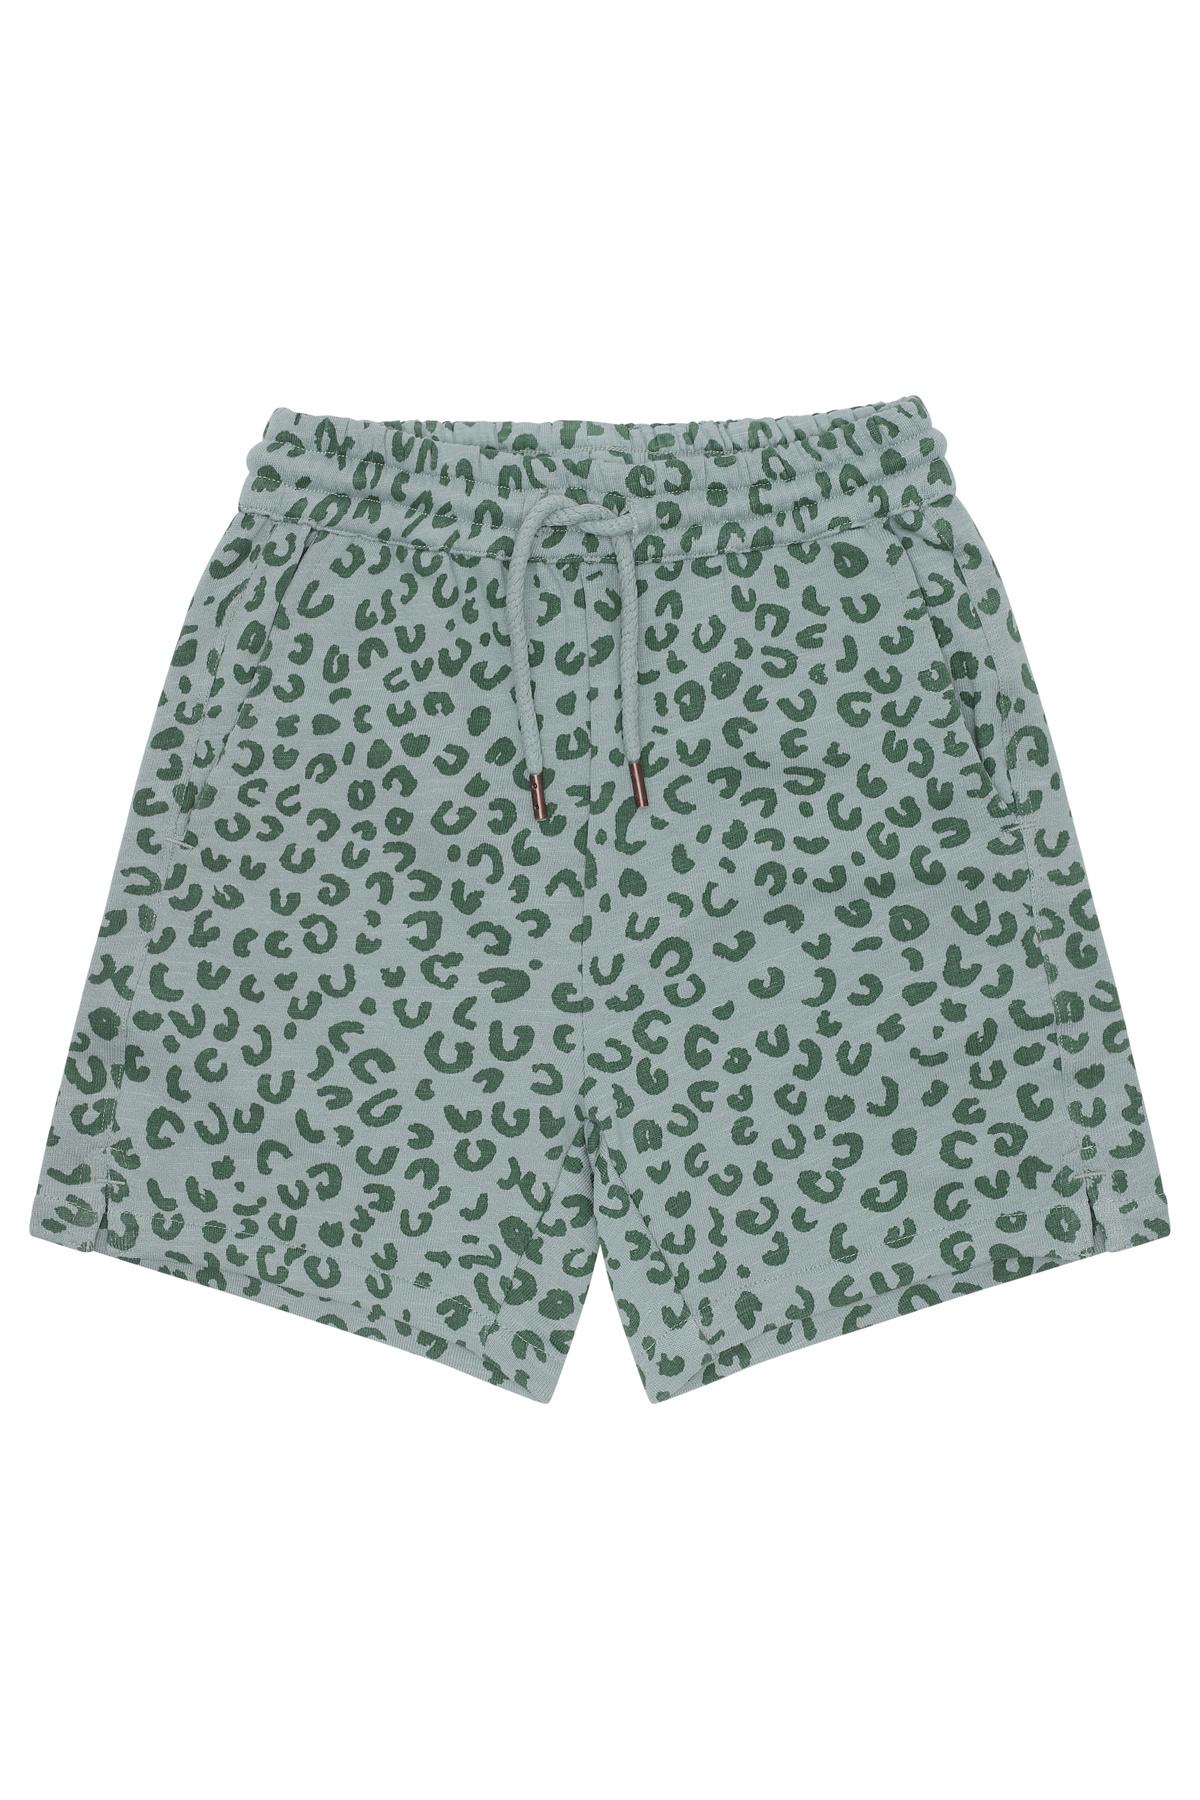 Hudson shorts - Slate Leopspot-1